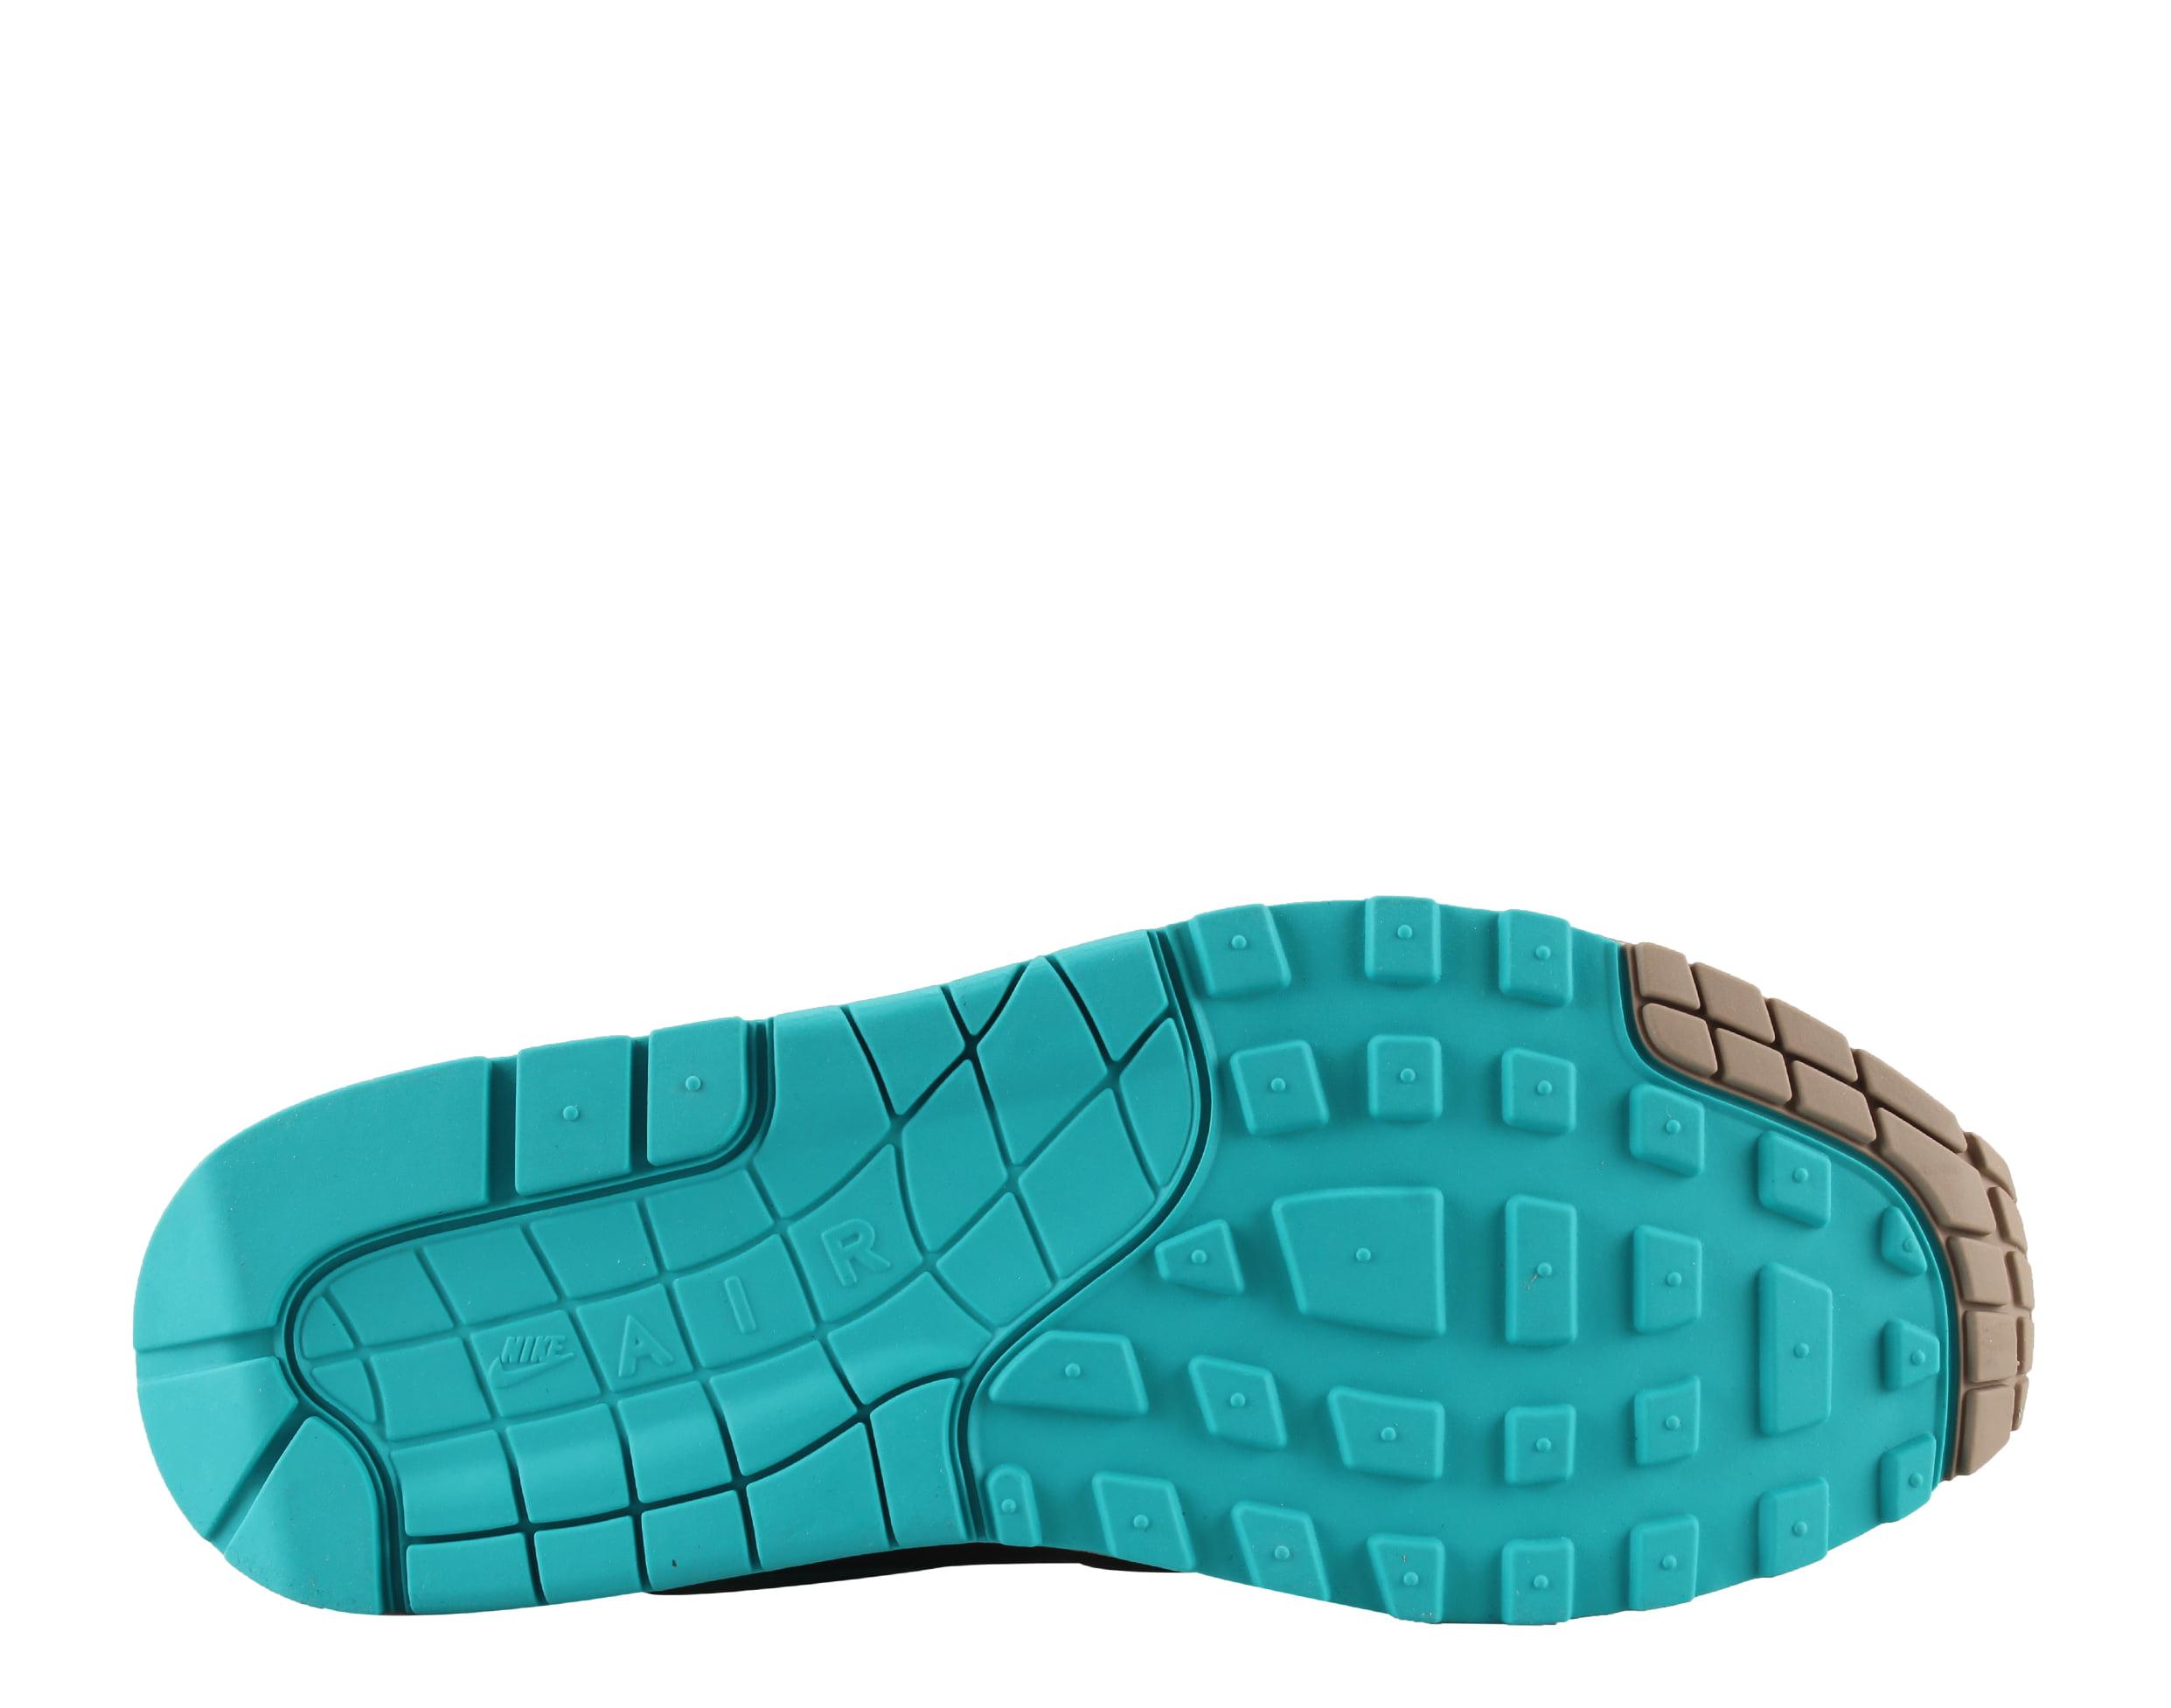 e635e892bd Nike - Mens Nike Air Max 1 Premium Ridgerock Turbo Green Khaki 875844-200 -  Walmart.com